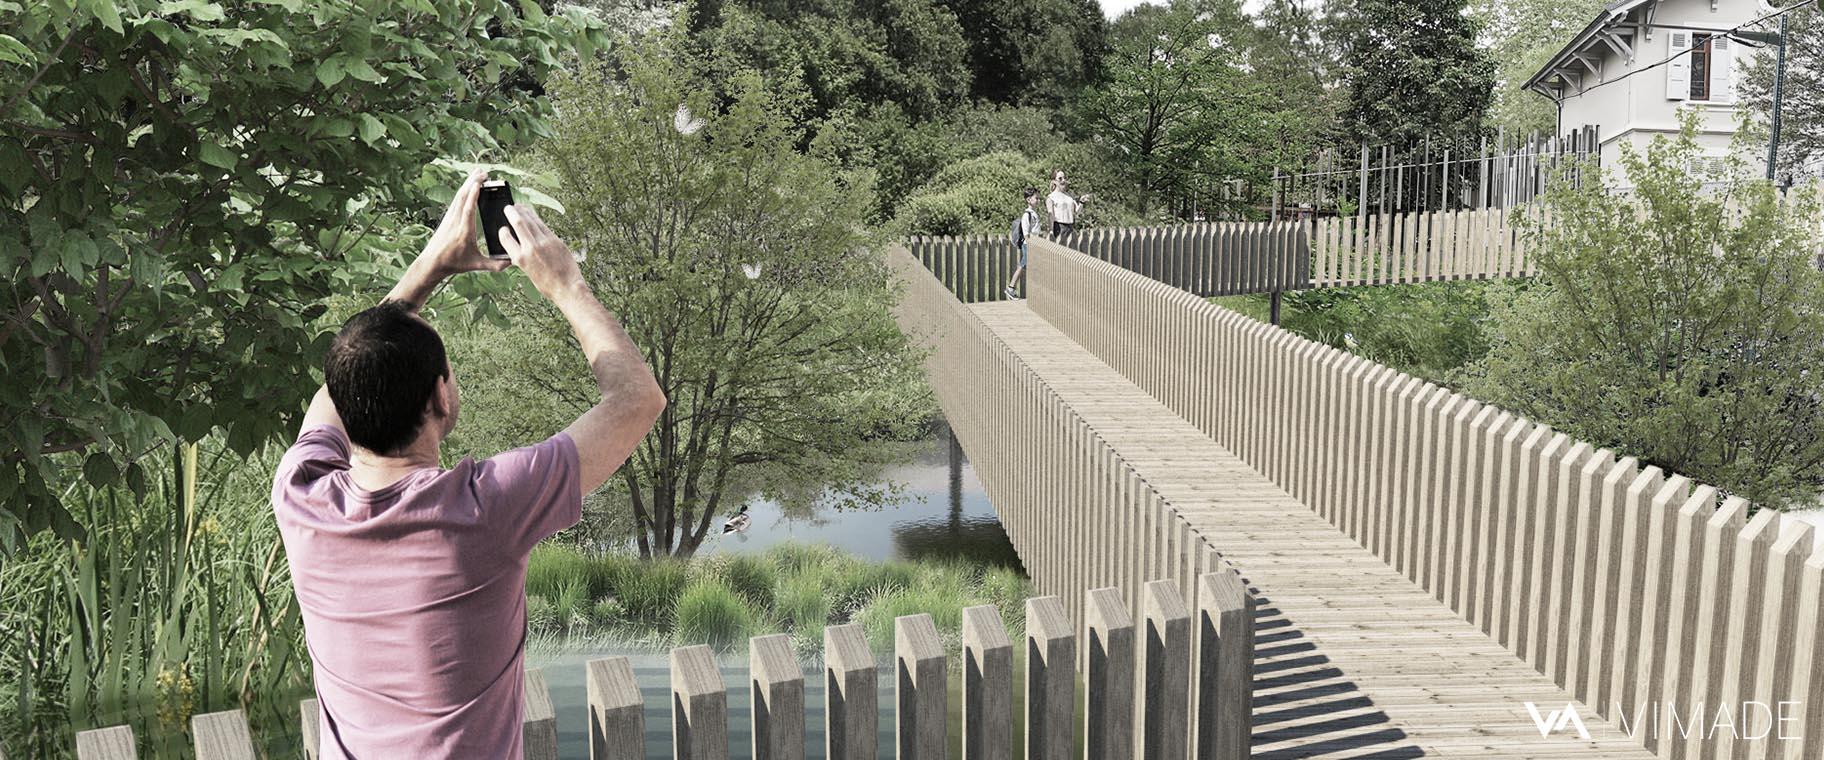 Projet d'aménagement paysager d'un bassin de rétention favorable à la biodiversité et l'écologie avec une passerelle en bois.